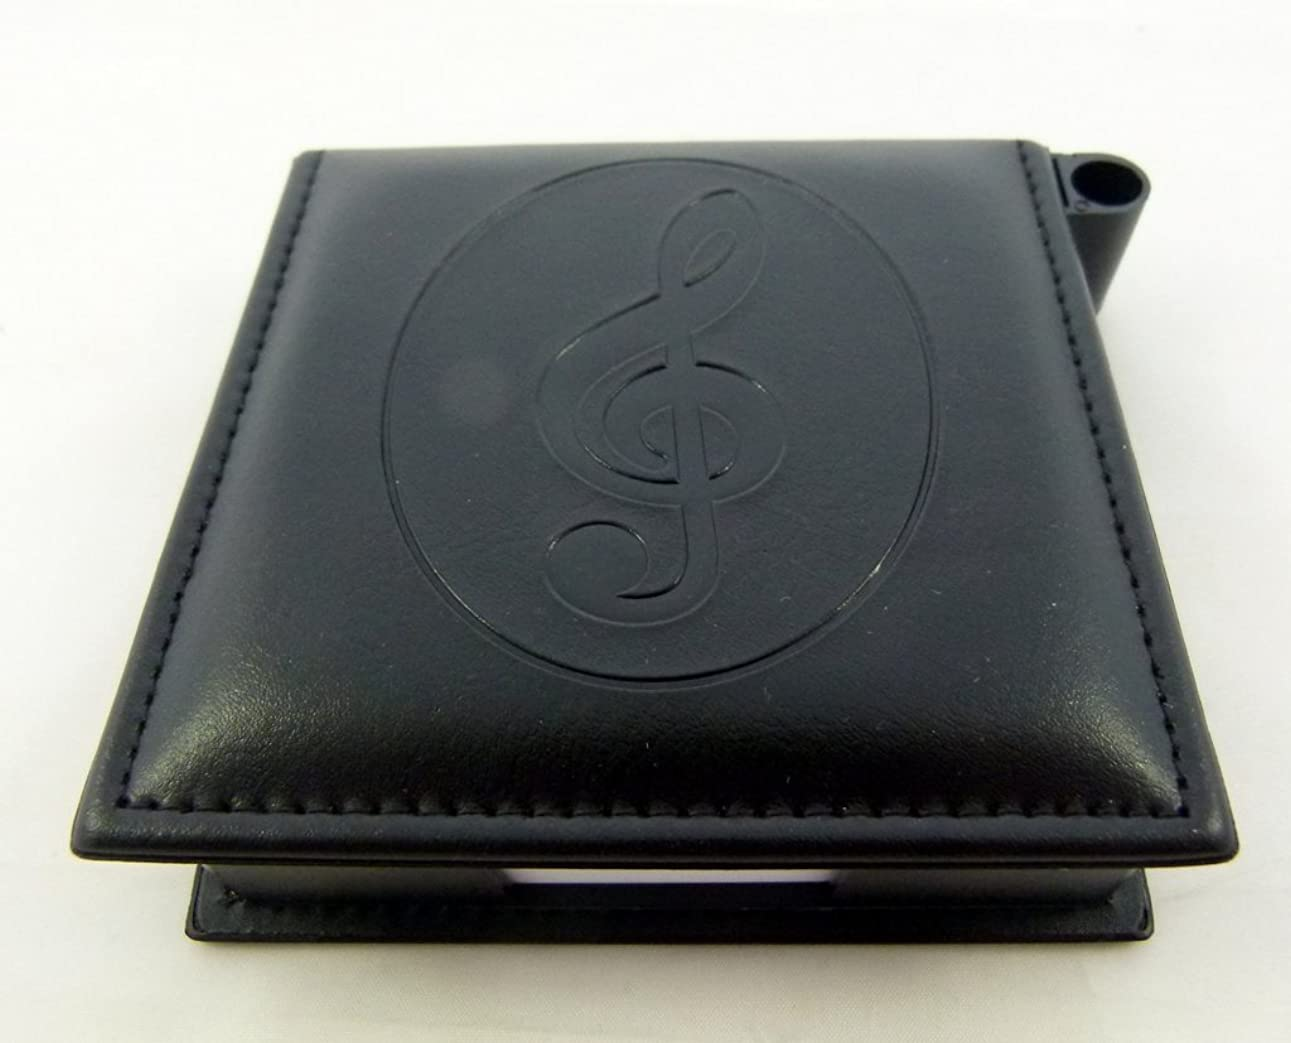 申請者息切れバイバイペンホルダー付き音楽テーマの皮革様メモパッド-スタンプト音記号デザイン